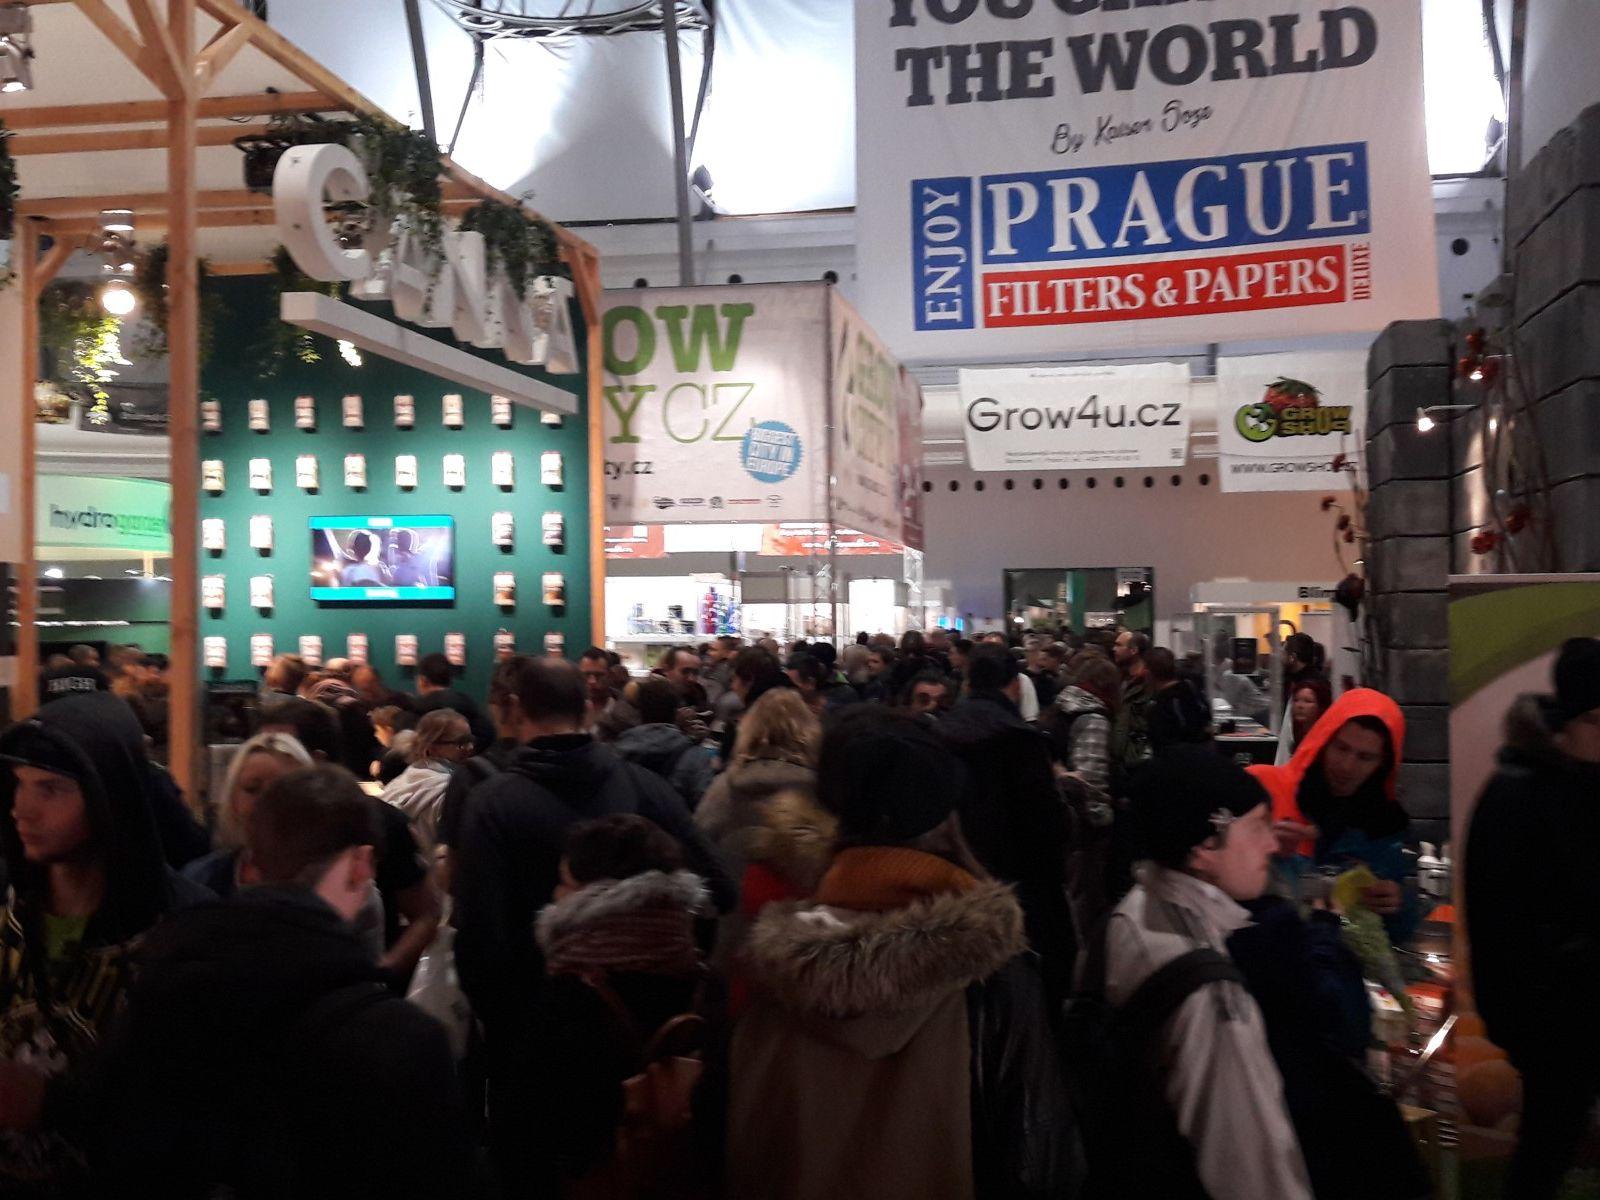 CANNAFEST 2018: Paket bez prijevoza - 73 eura: CANNAFEST: Preko 30.000 posjetitelja i 250 izlagača!